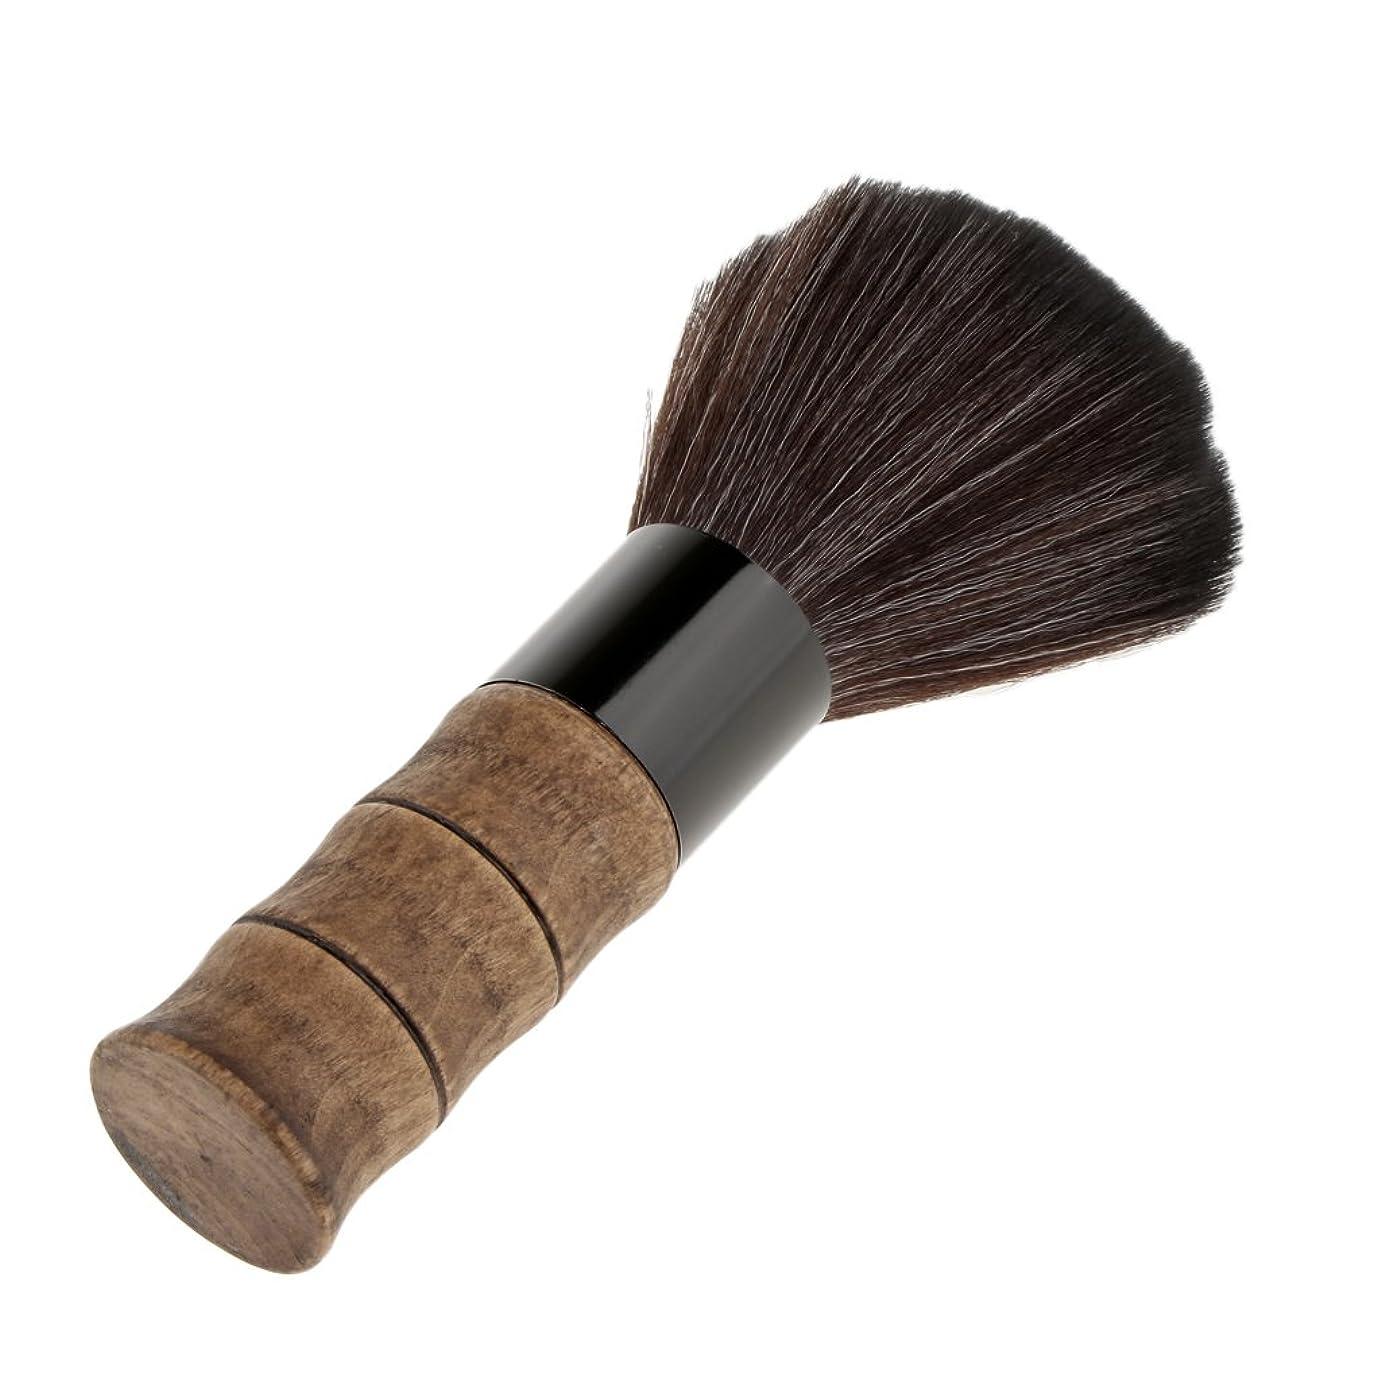 慣習通り王女ブラシ シェービングブラシ メイクブラシ ソフト 超柔らかい 繊維 洗顔 木製ハンドル 泡立ち 2色選べる - ブラック